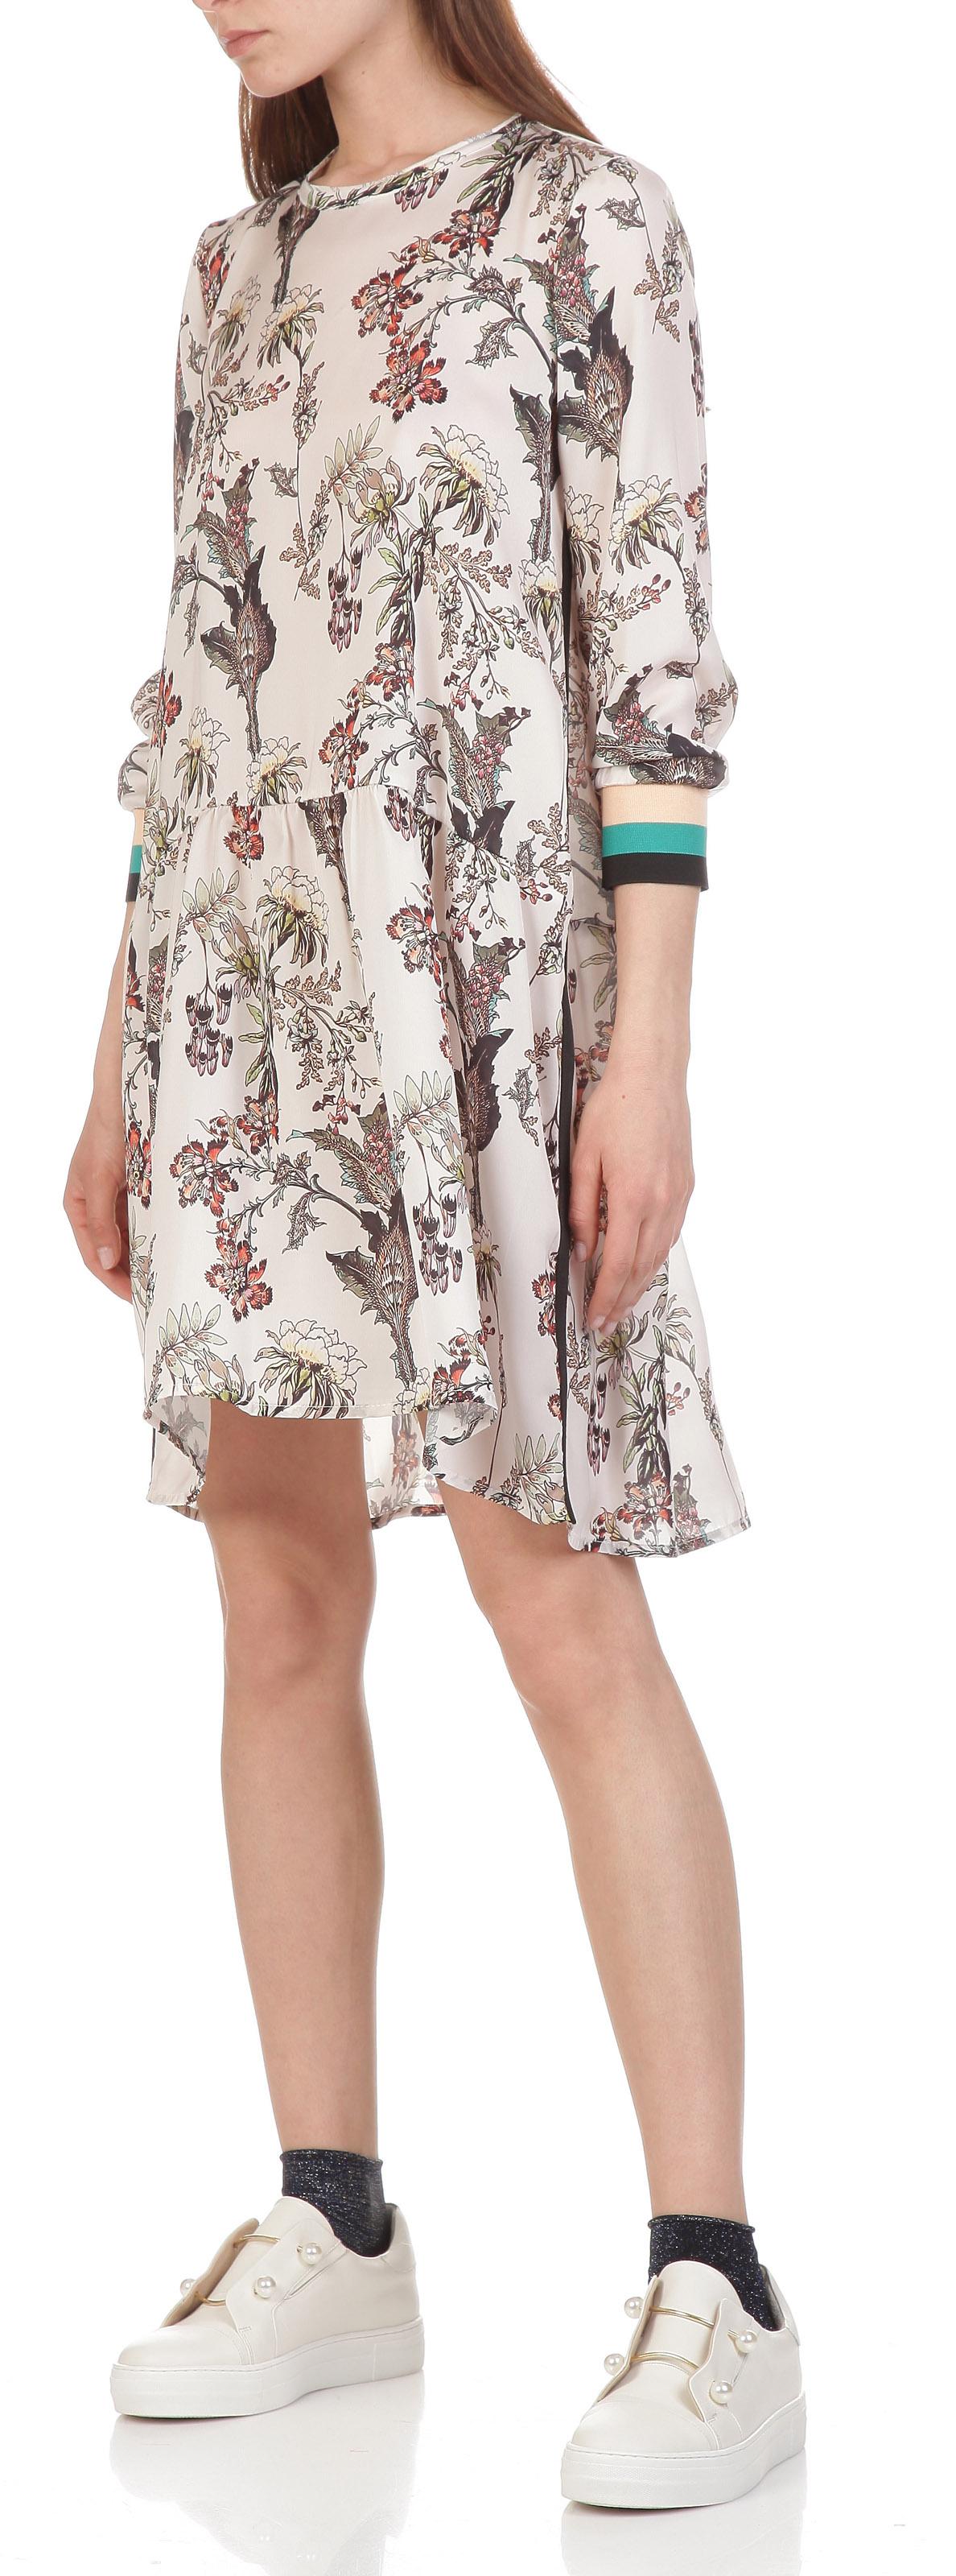 Стильна сукня з бавовняним принтом Imperial